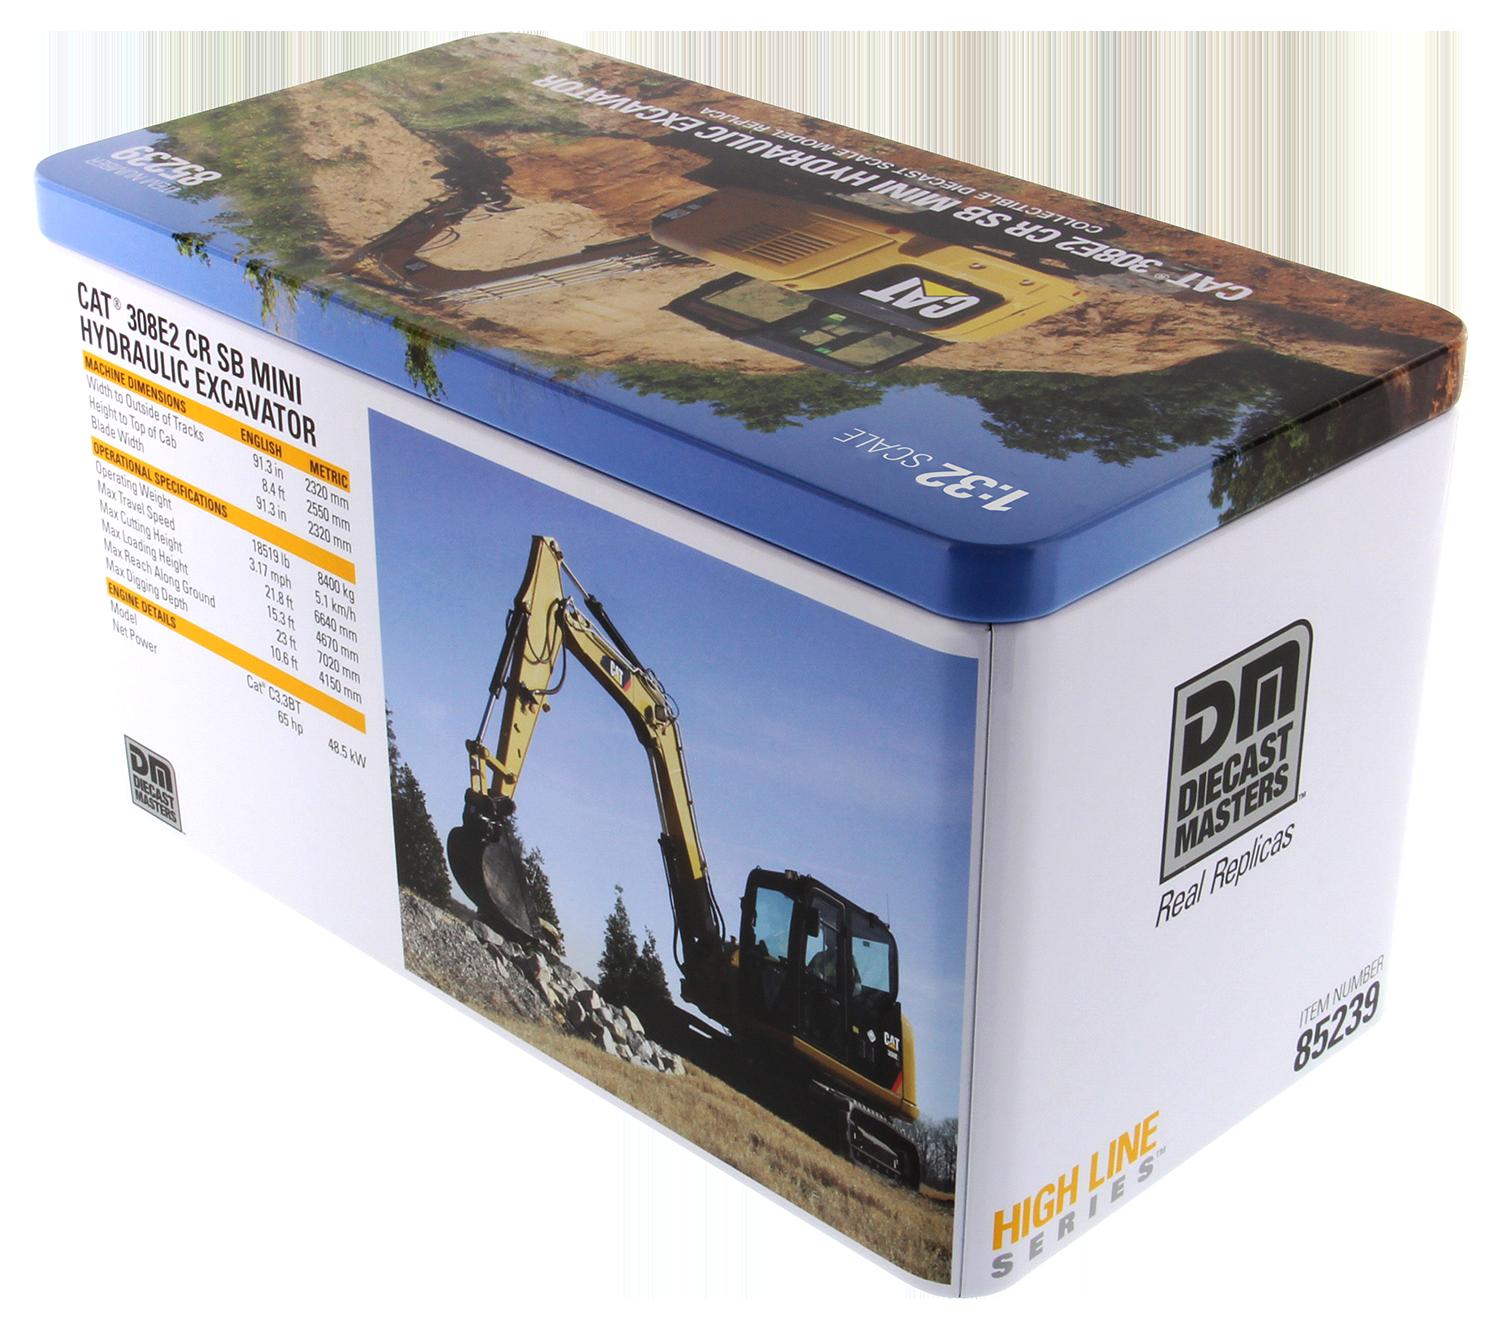 308E2 CR SB MiniHydraulic Excavator